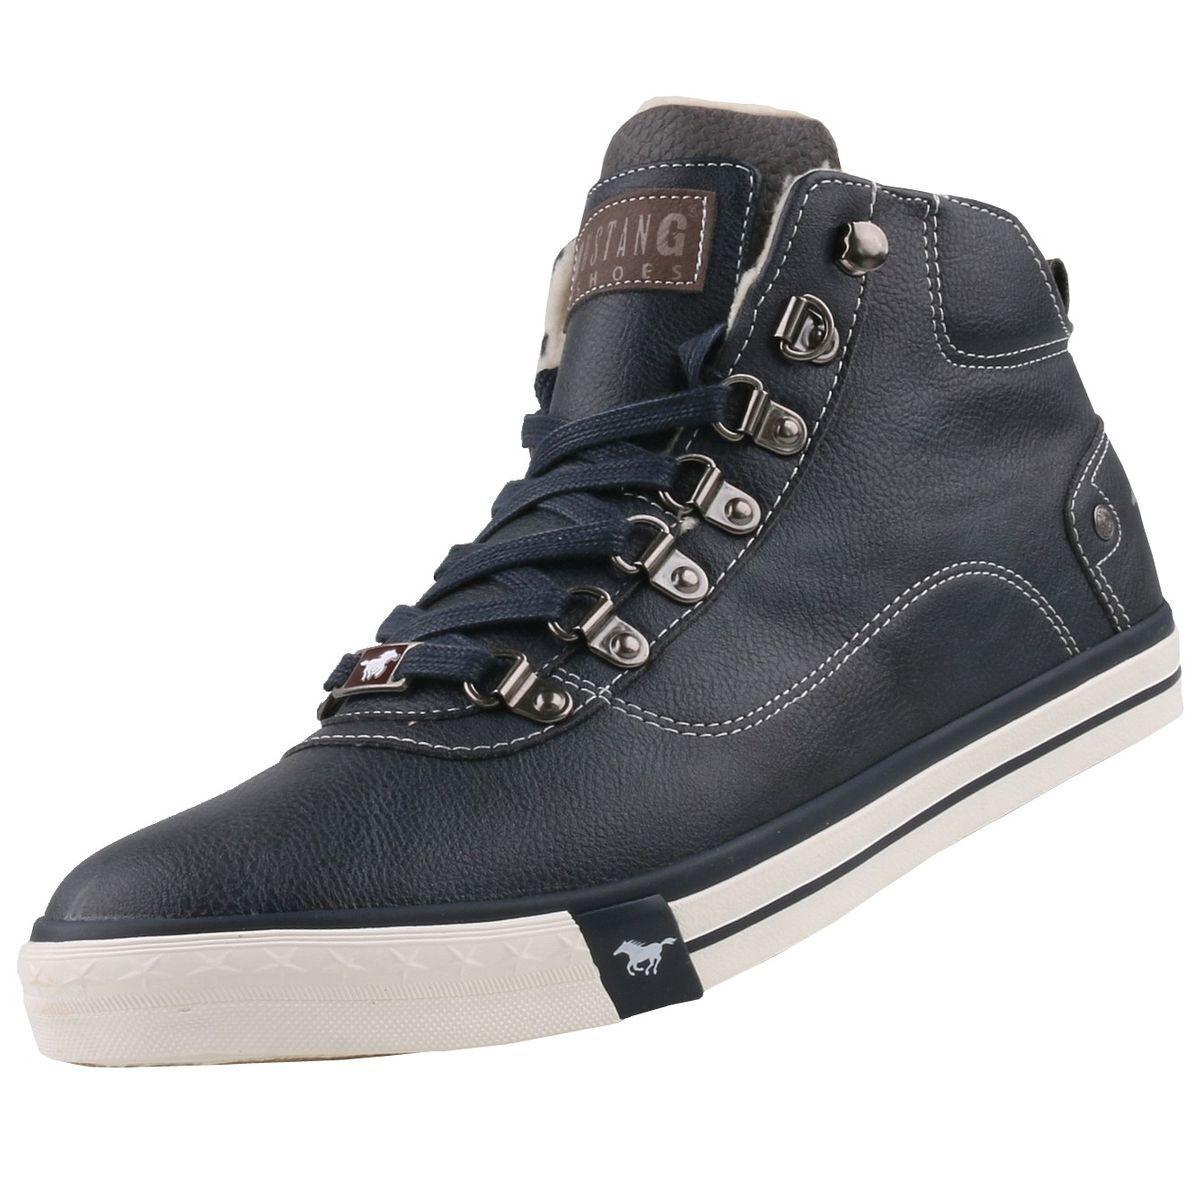 NEU Mustang Herrenschuhe Schuhe High-Top Sneaker gefüttert Stiefel Winter-Boots